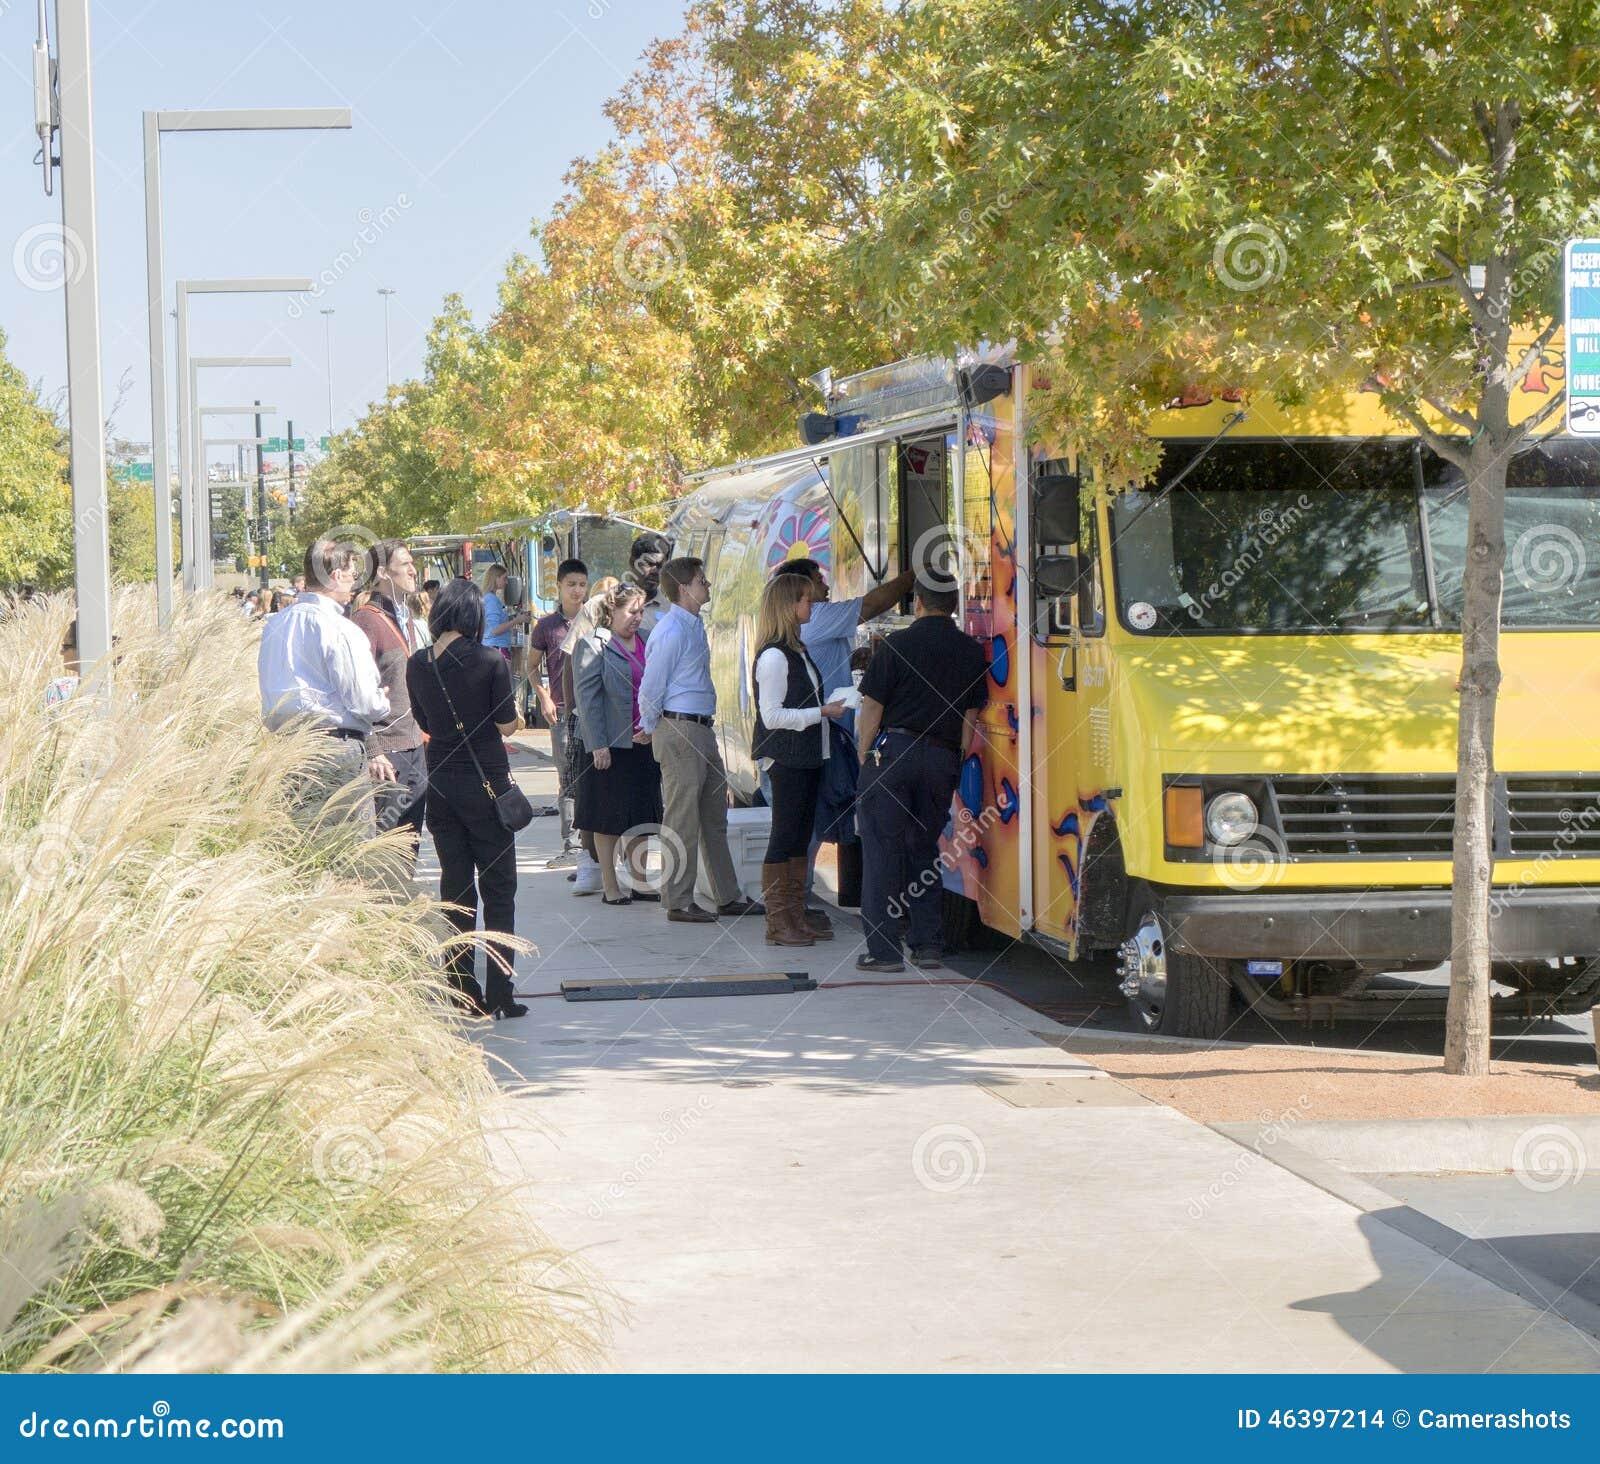 Food Trucks Downtown Dallas